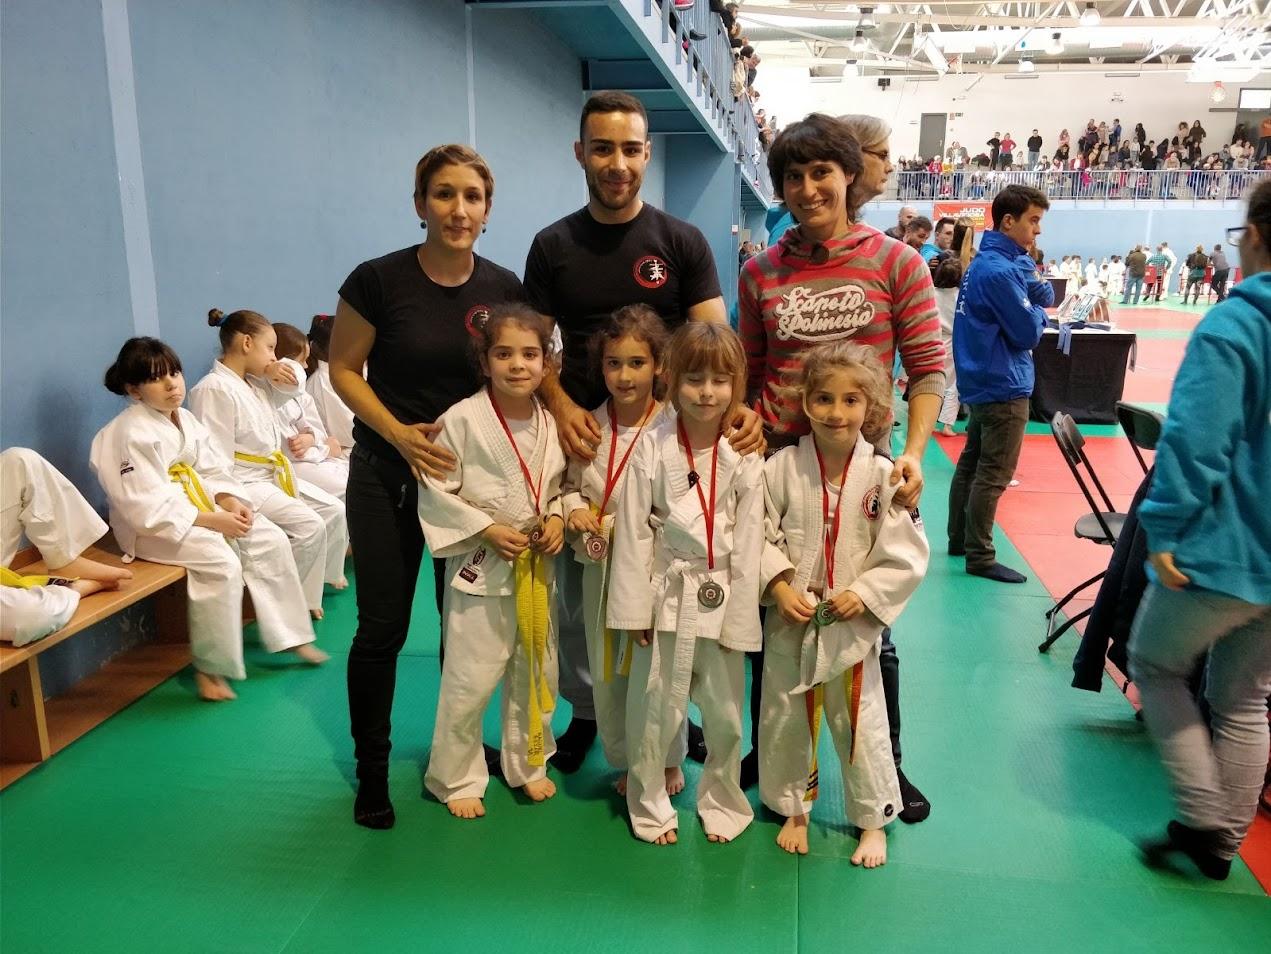 judokas y entrenadores